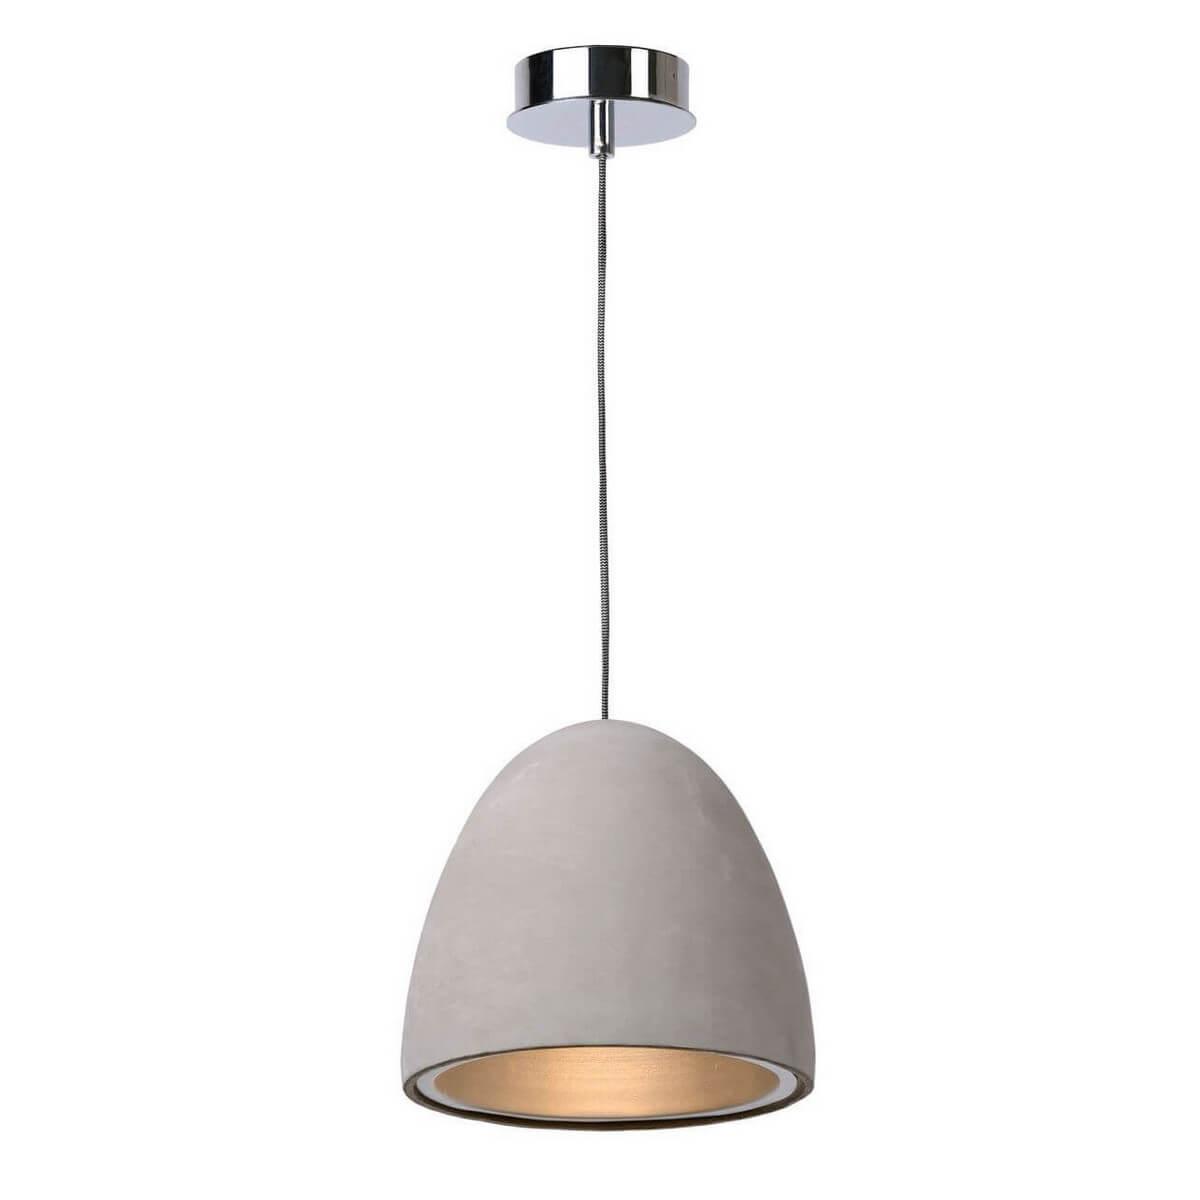 Подвесной светильник Lucide Solo 71437/21/41 цены